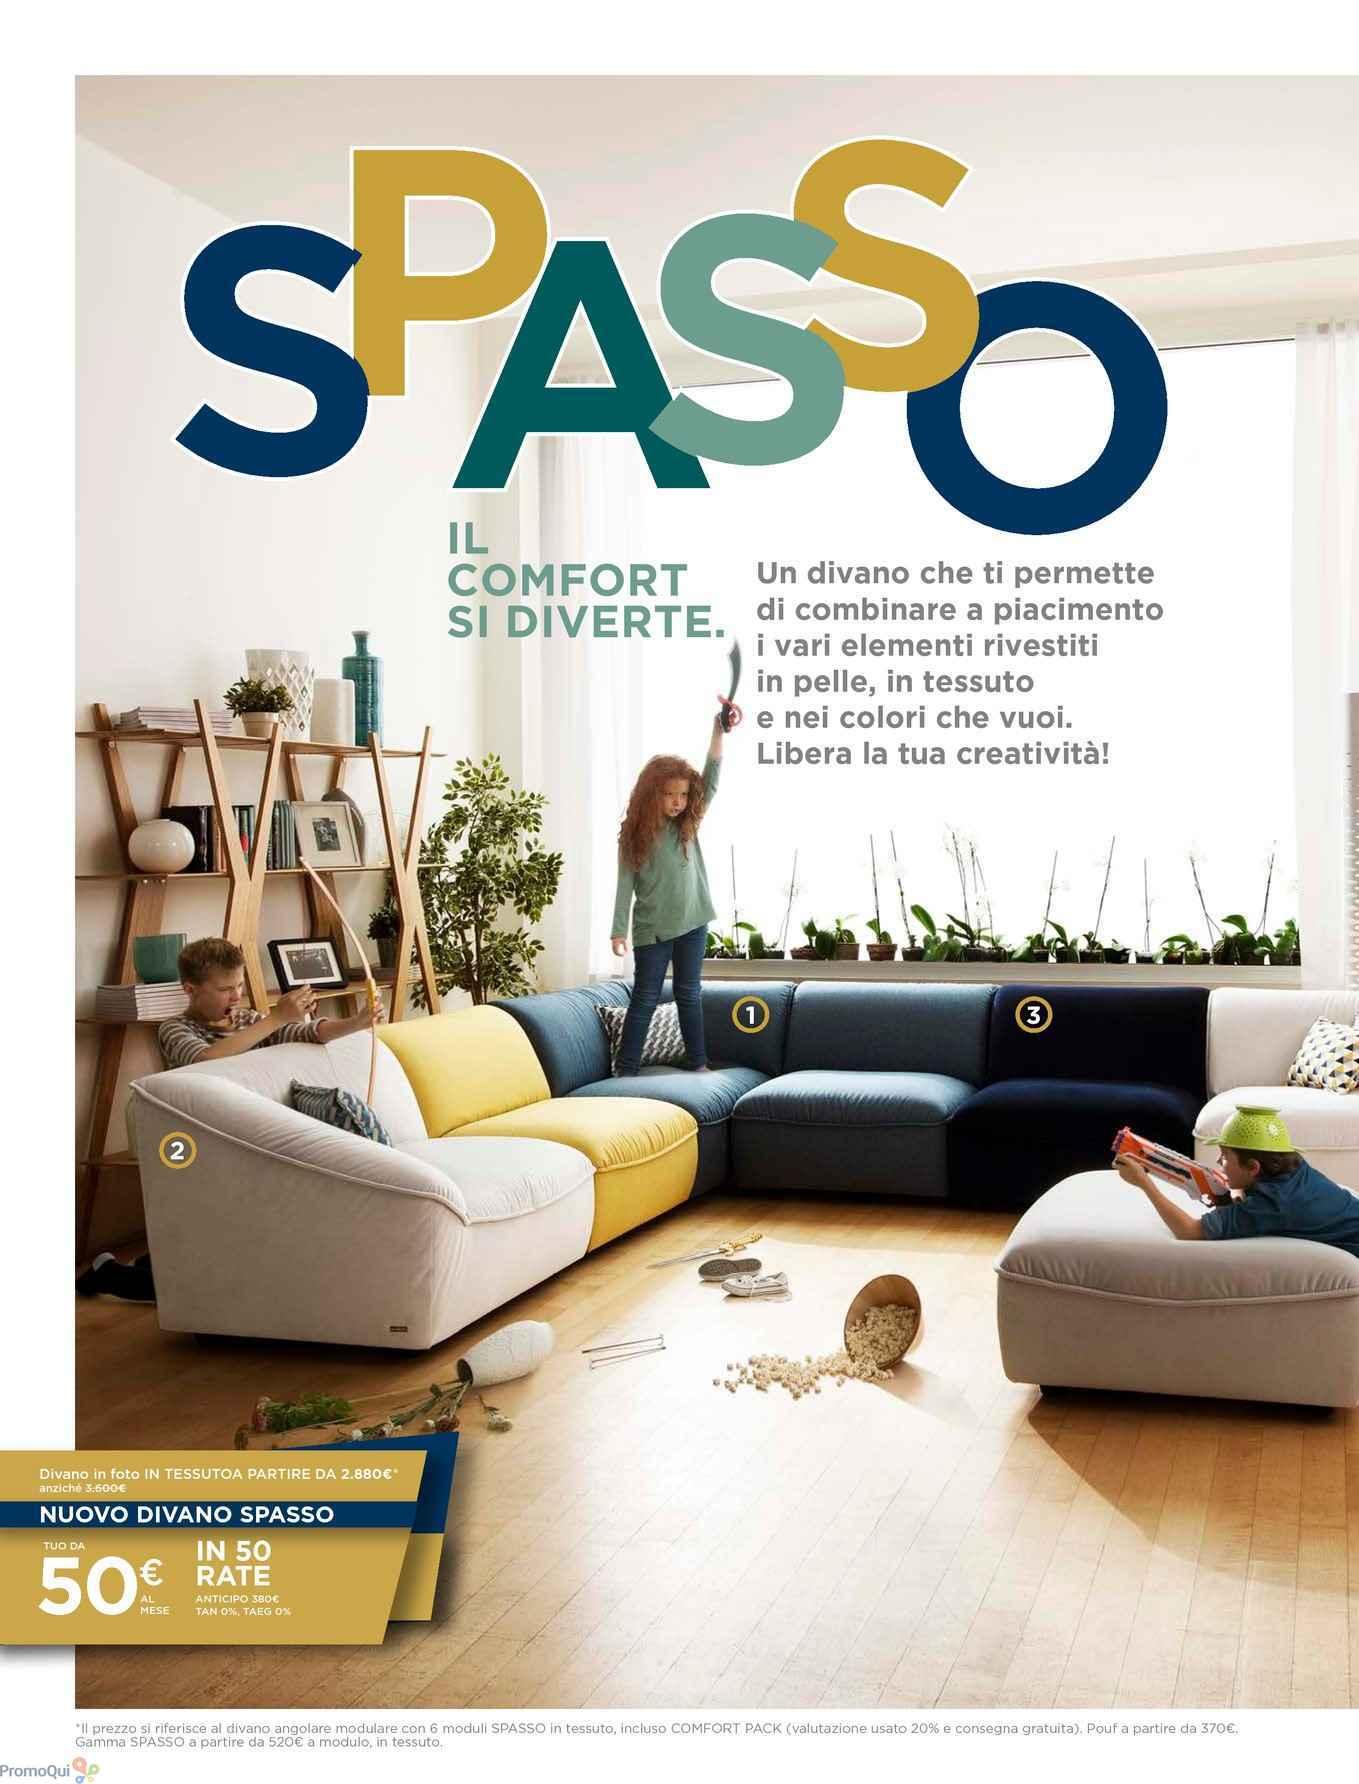 Volantino Divani e Divani - #50 sfumature di comfort - offerte ...